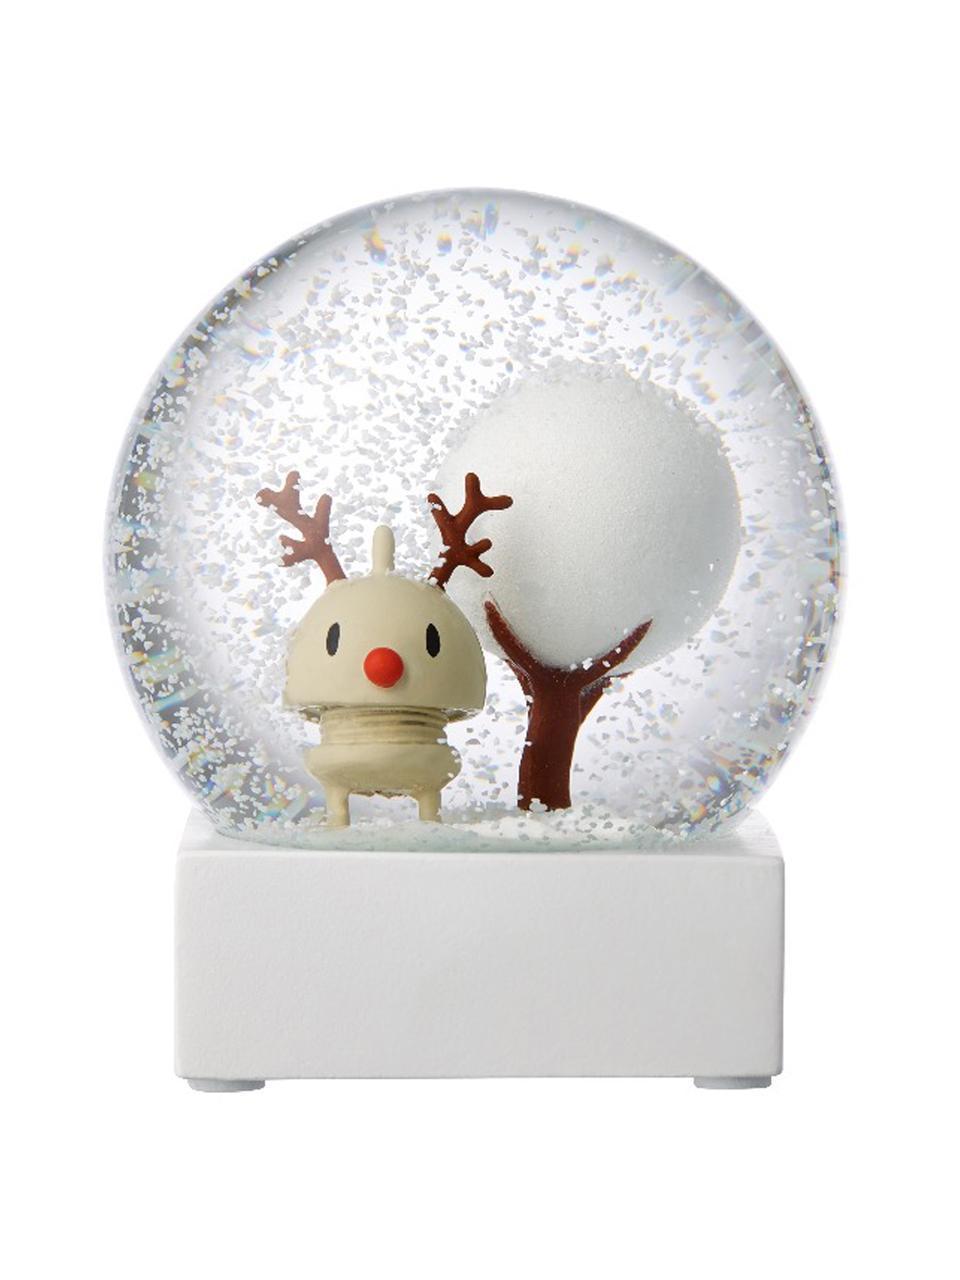 Schneekugel Rudolf, Weiß, Transparent, Ø 10 x H 12 cm